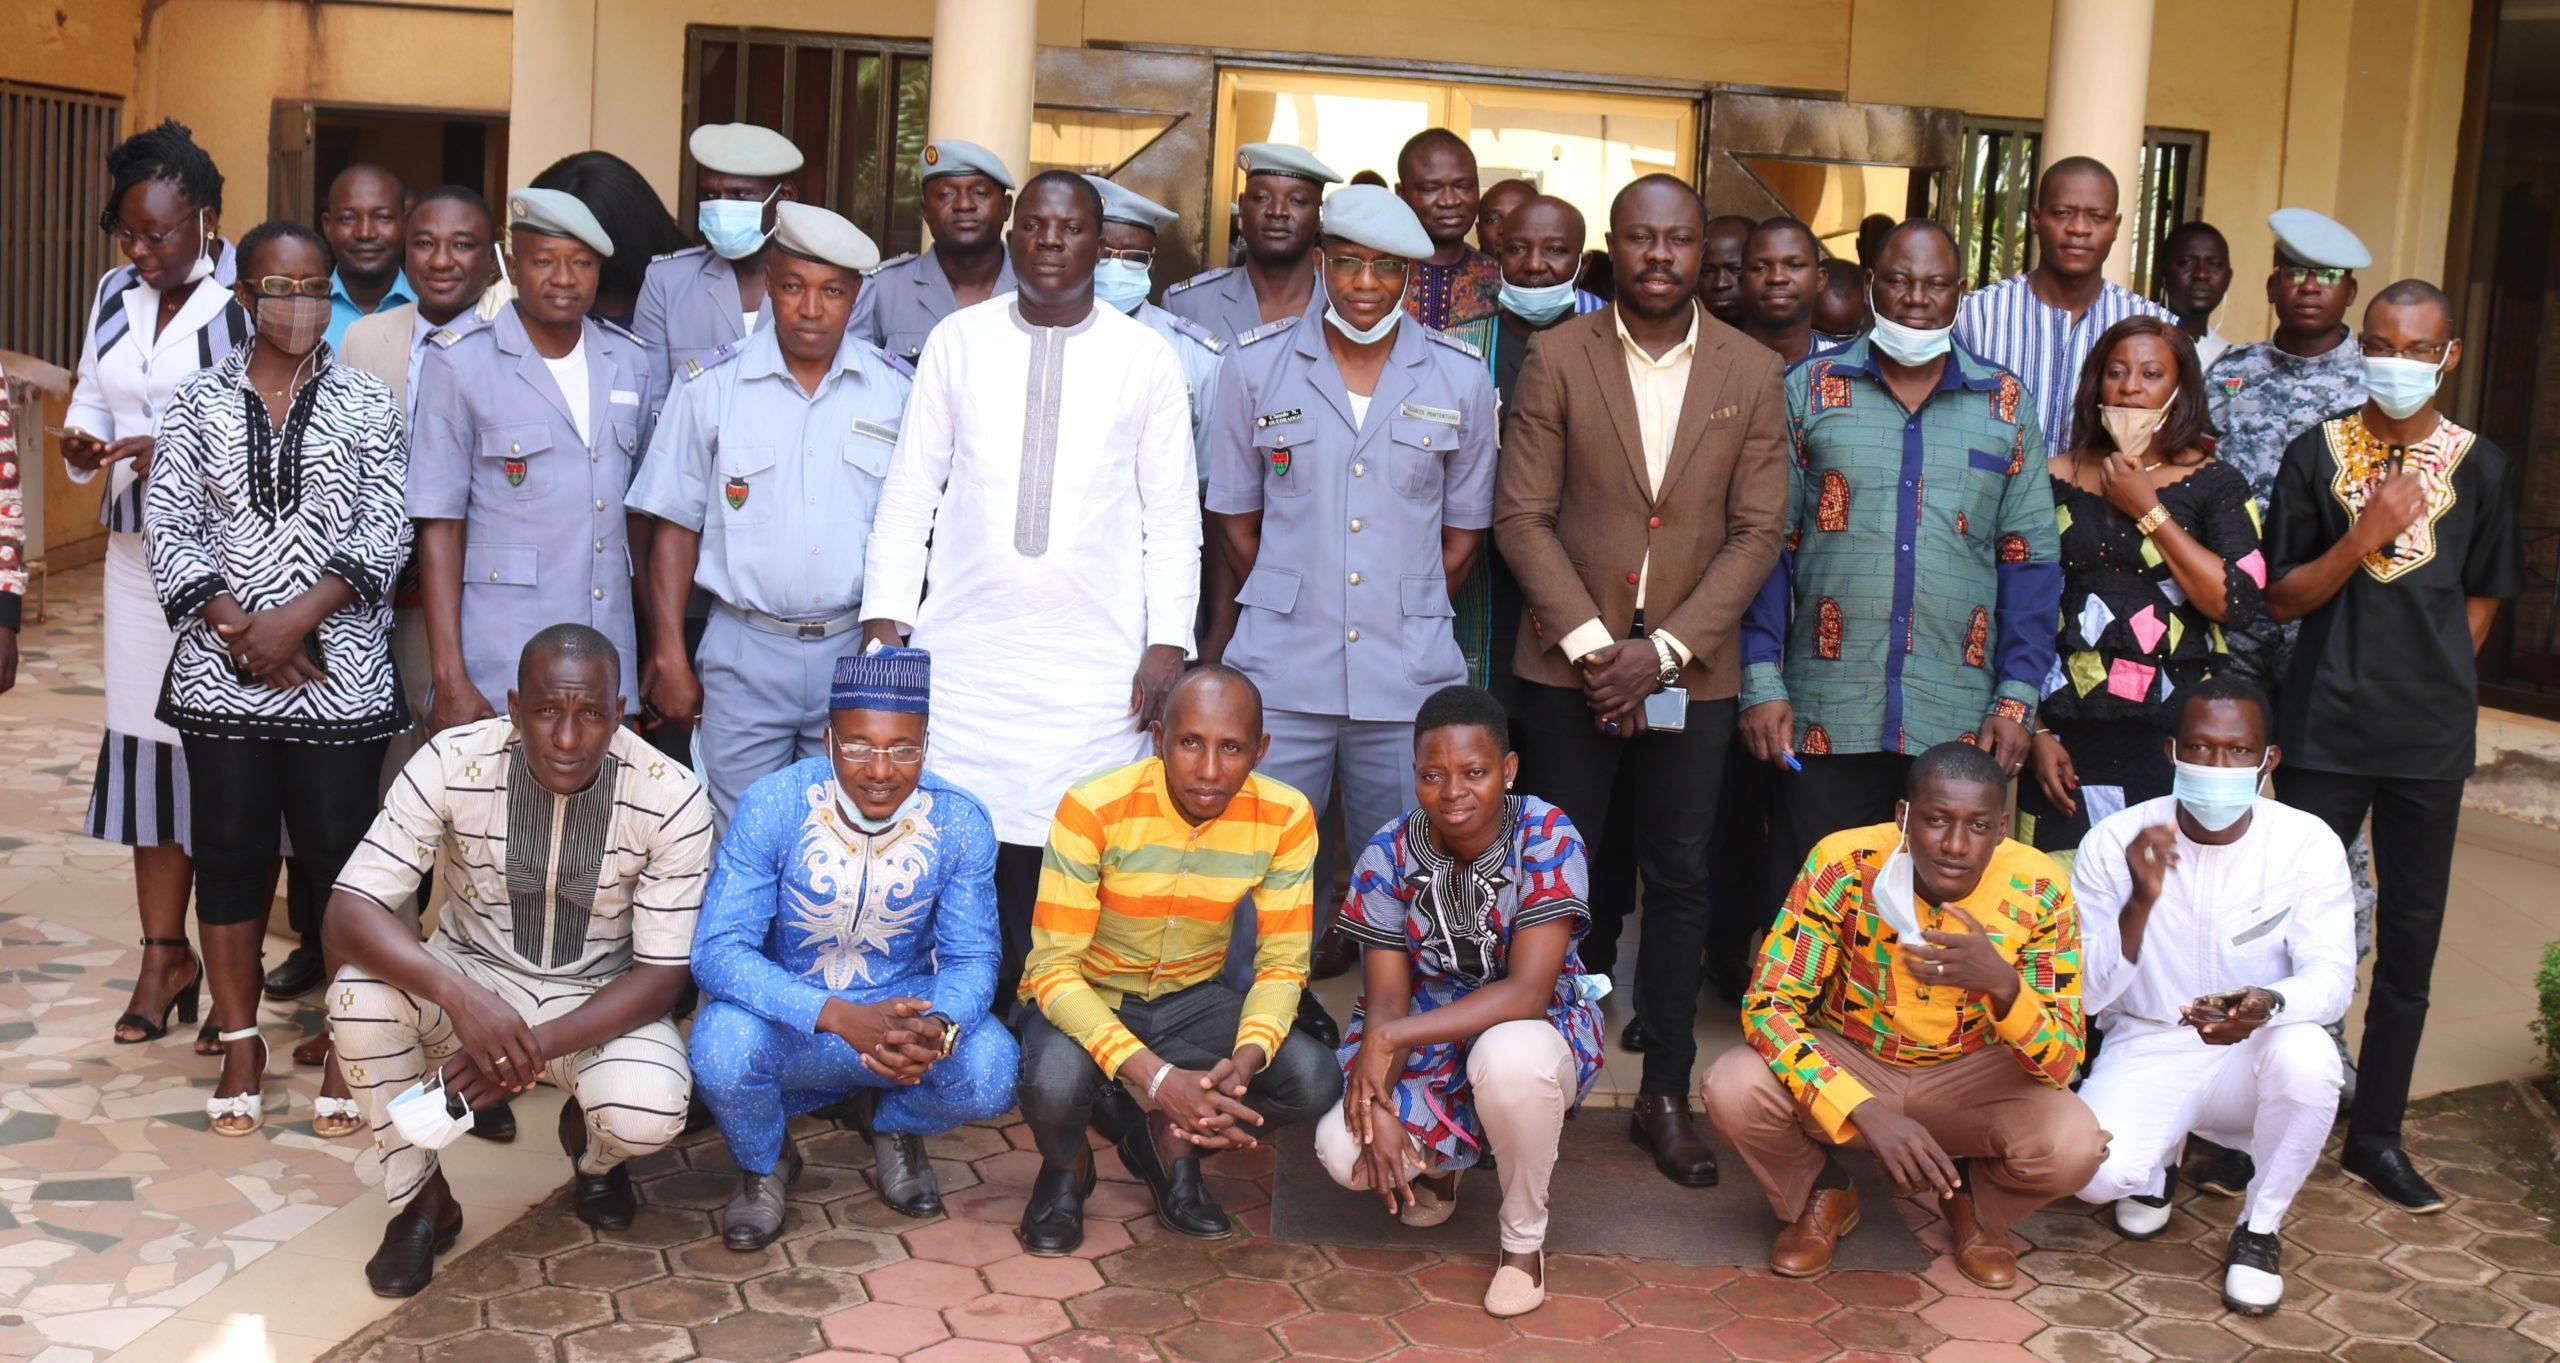 Justice: la Maison d'Arrêt et de Correction de Ouagadougou comptait 59,74% de personnes en détention provisoire en Aout 2020